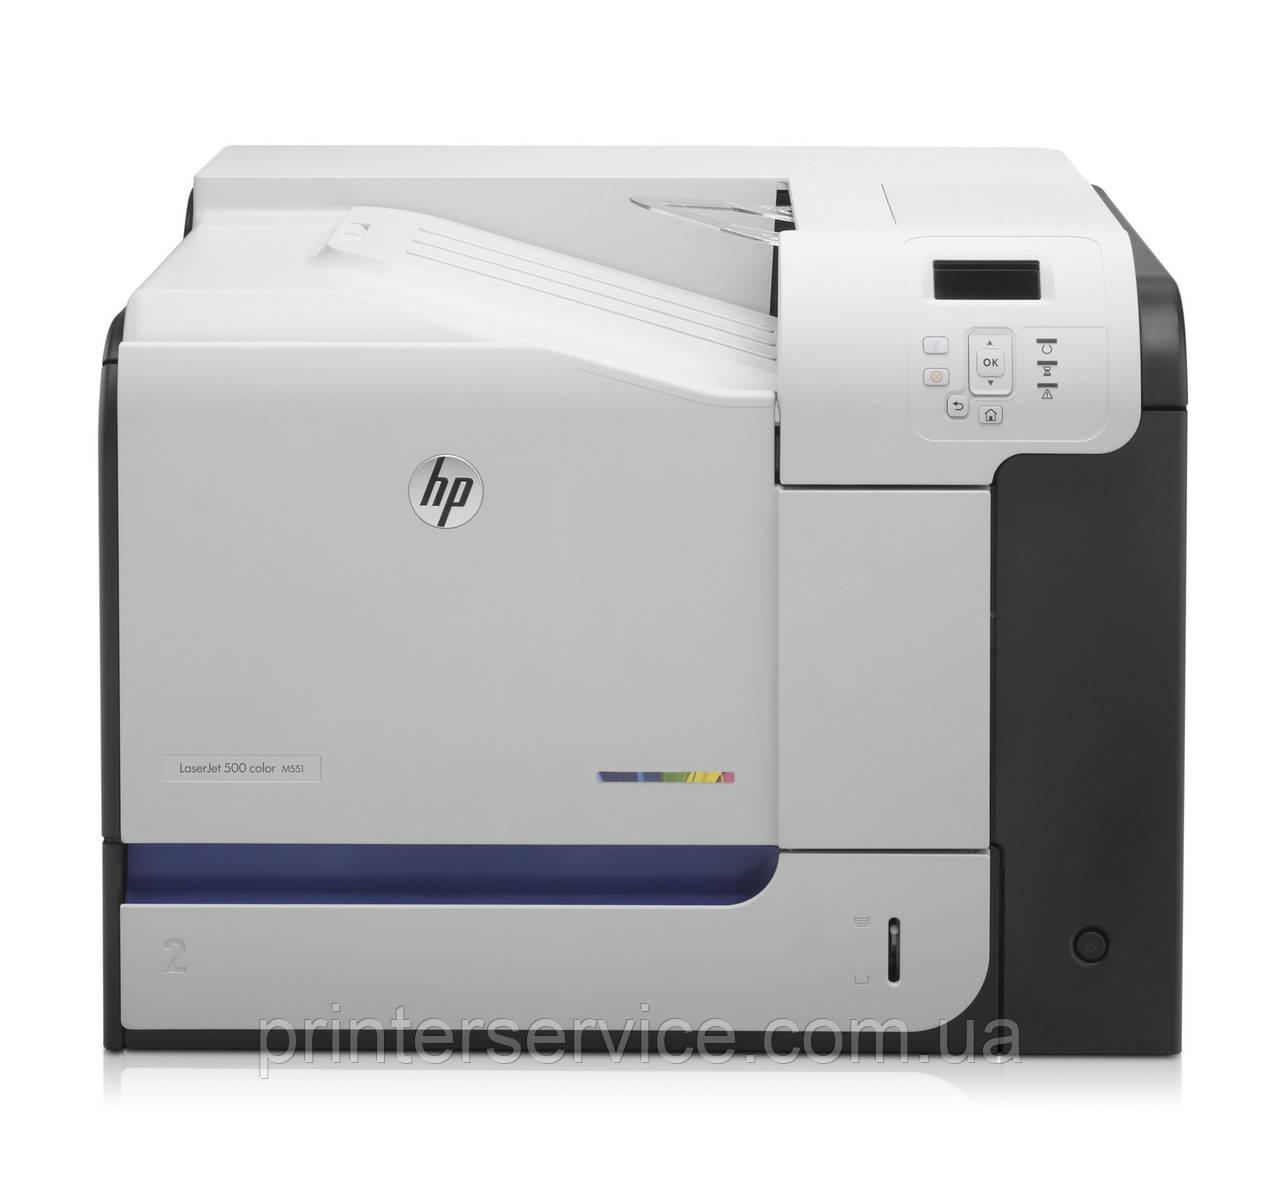 БУ цветной лазерный принтер HP color LaserJet Enterprise 500 M551dn формата А4